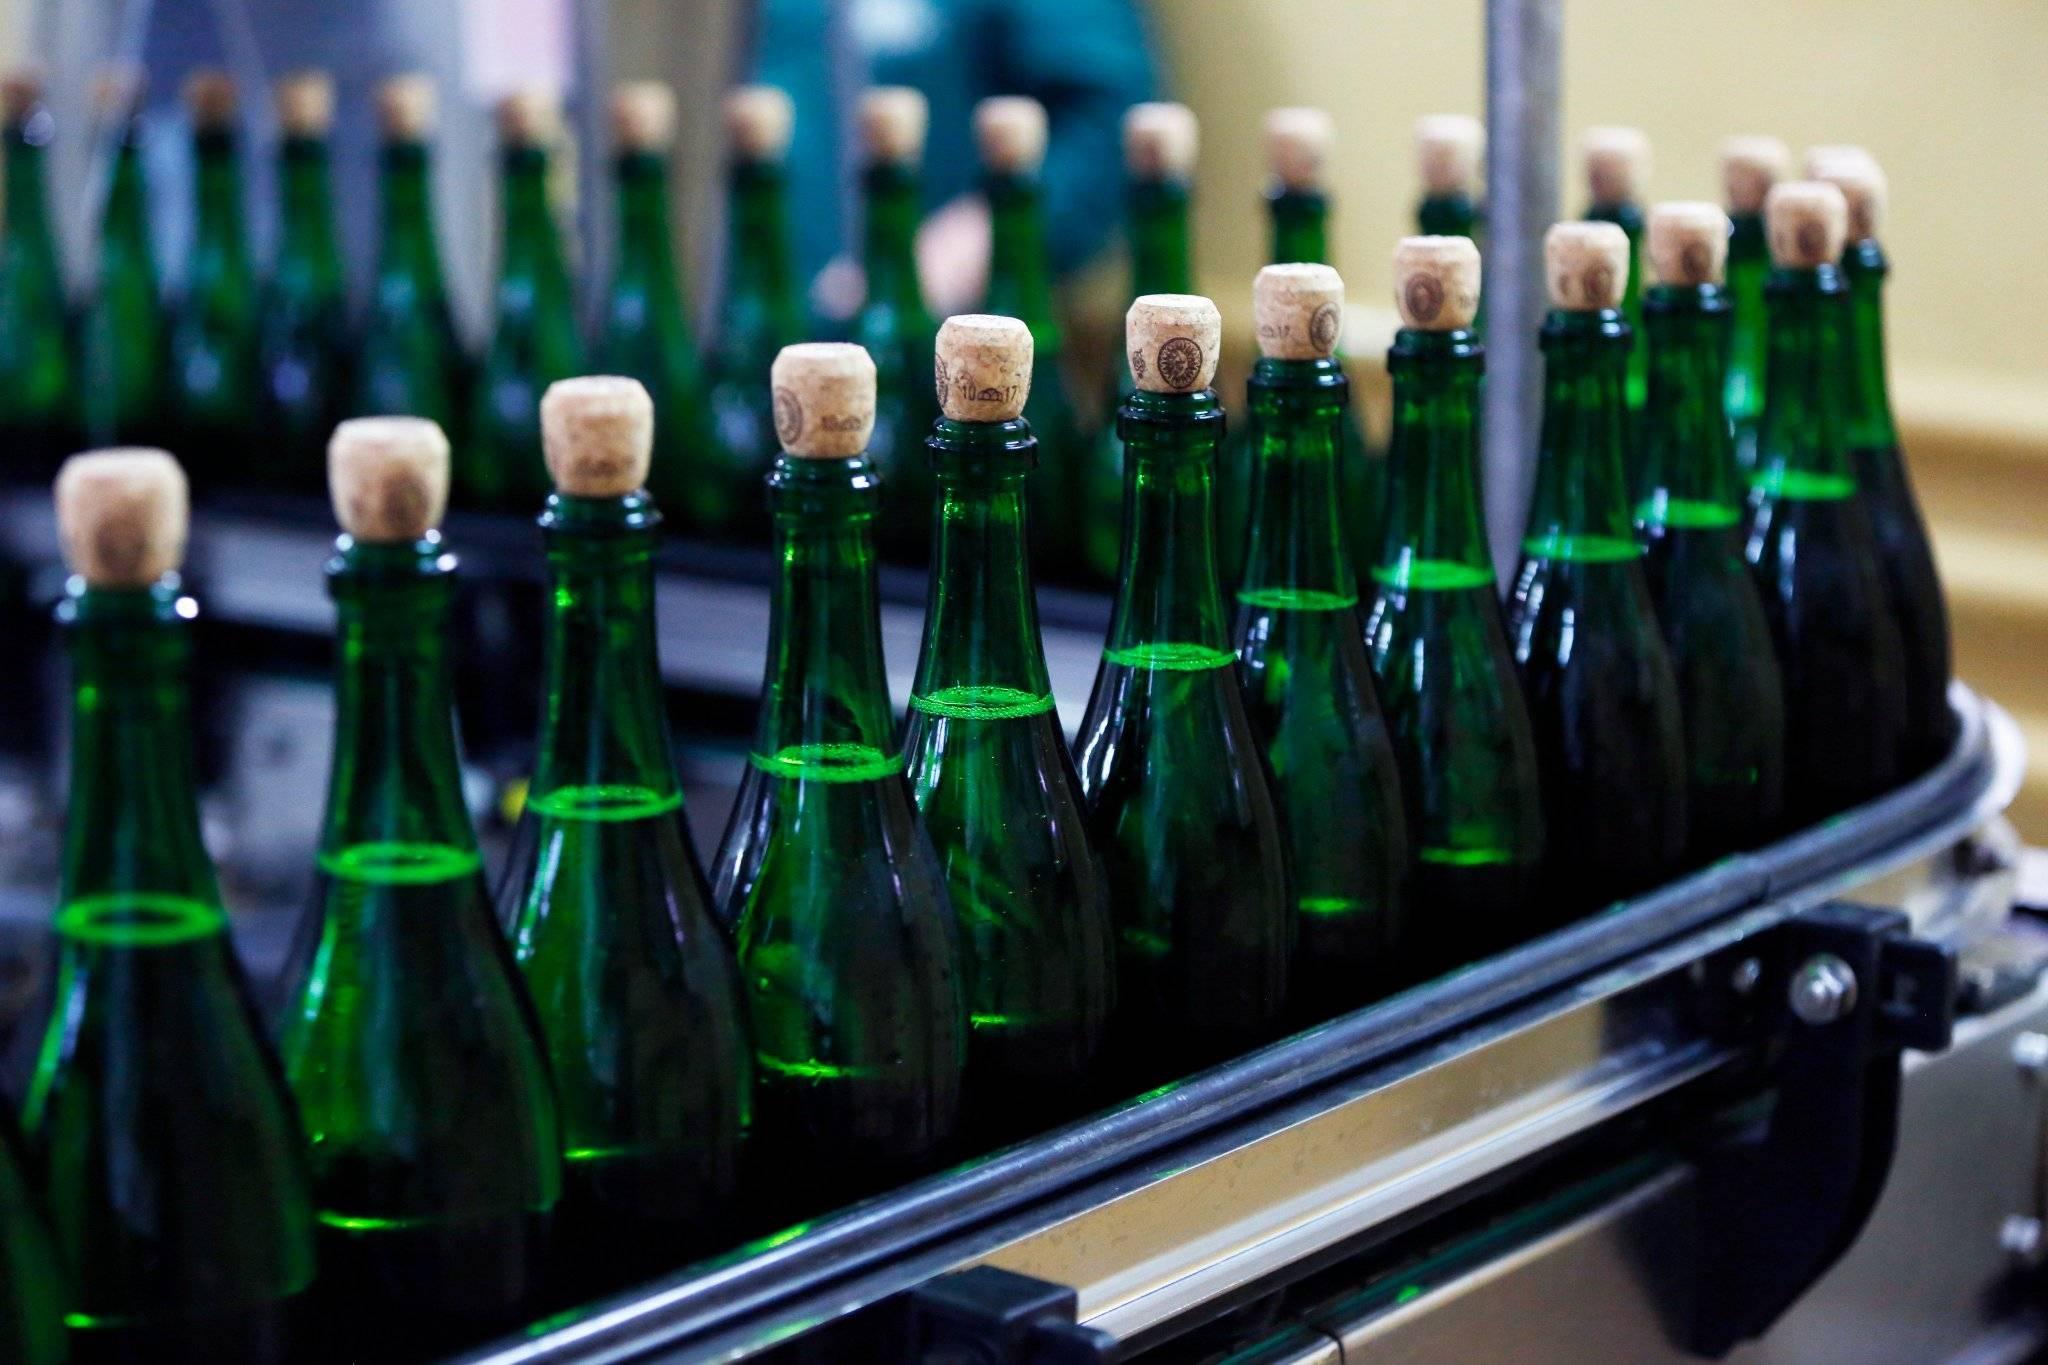 Виноград для шампанского - из какого винограда делают шампанское